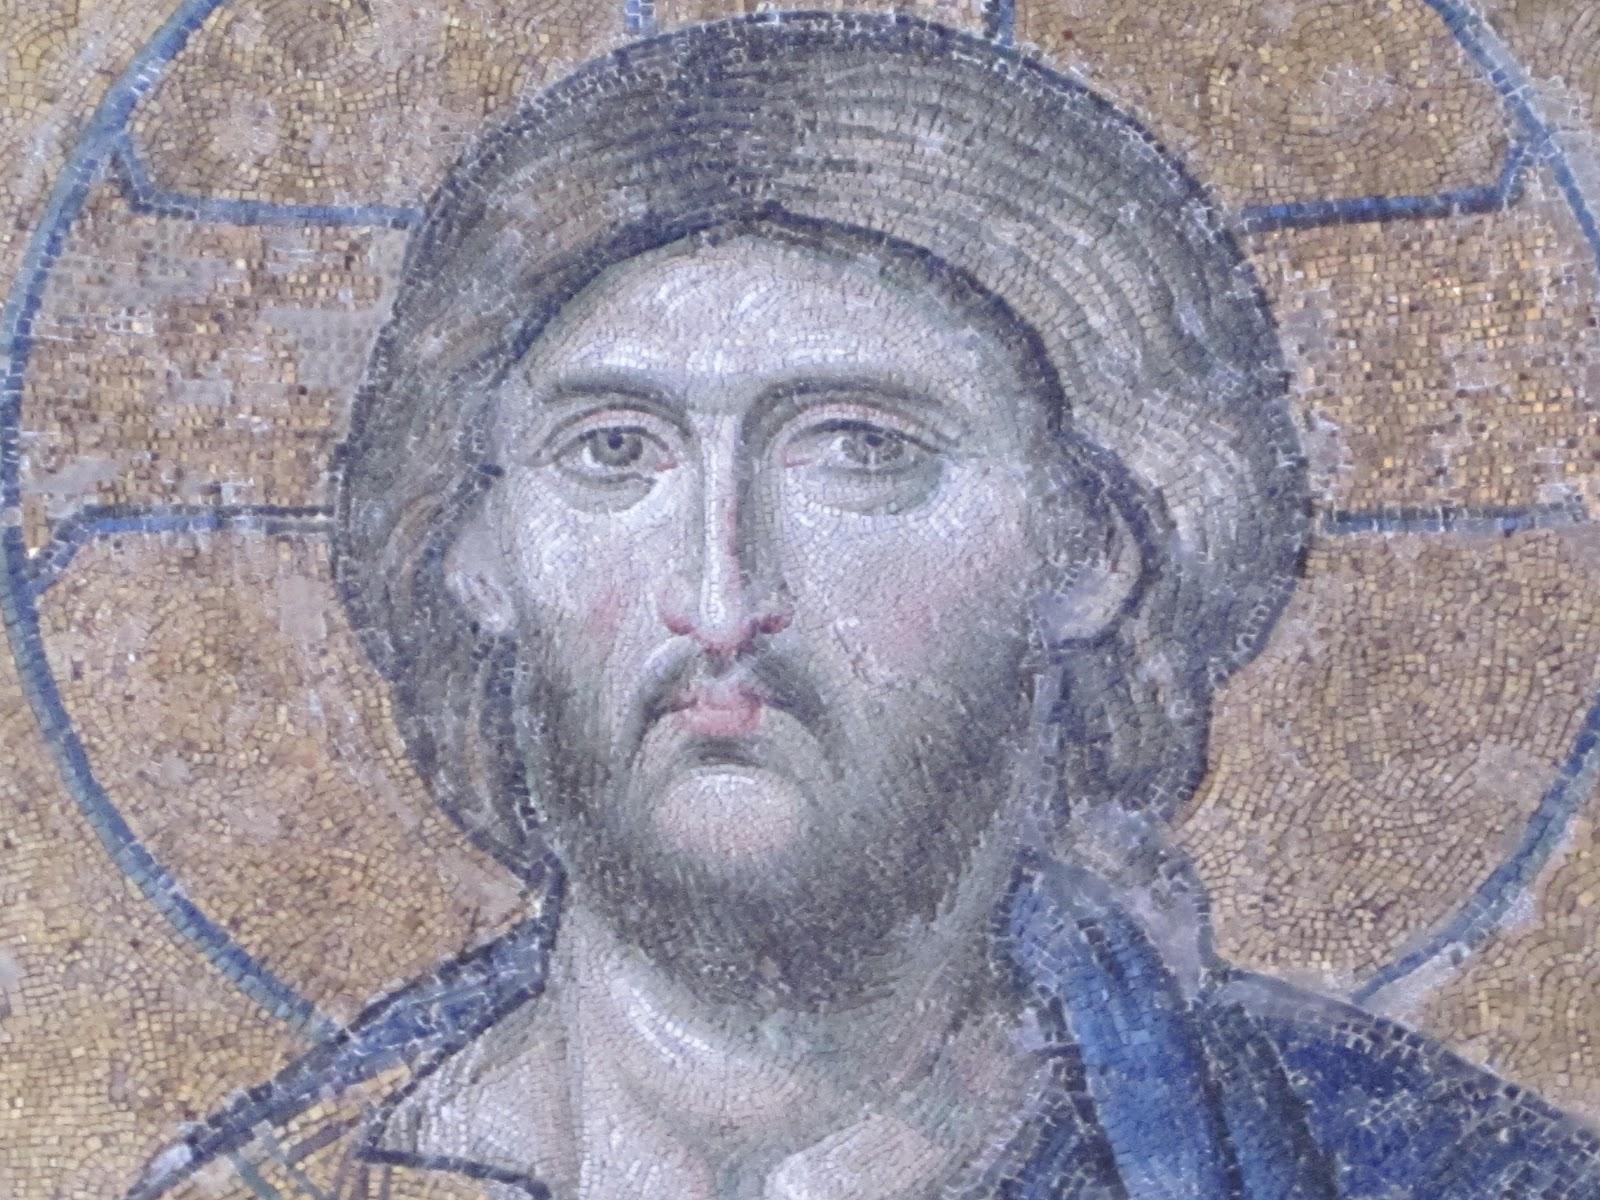 Celibate homosexual relationships in greece